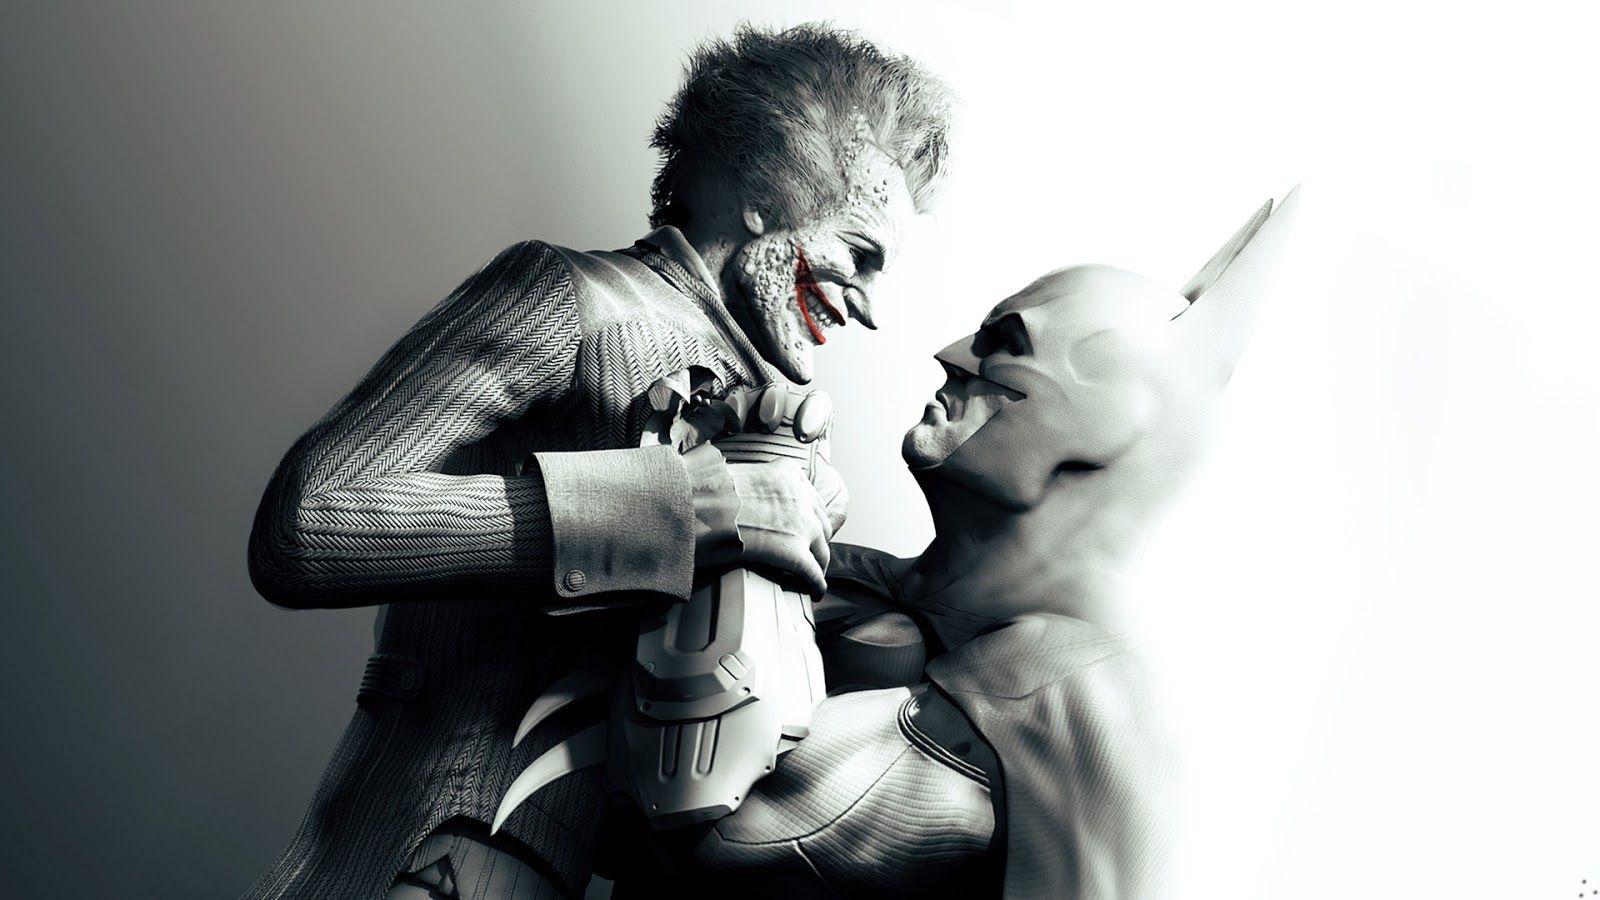 Hd wallpaper of joker - Batman Joker Wallpaper Quality Batman Joker Hd Images Zz